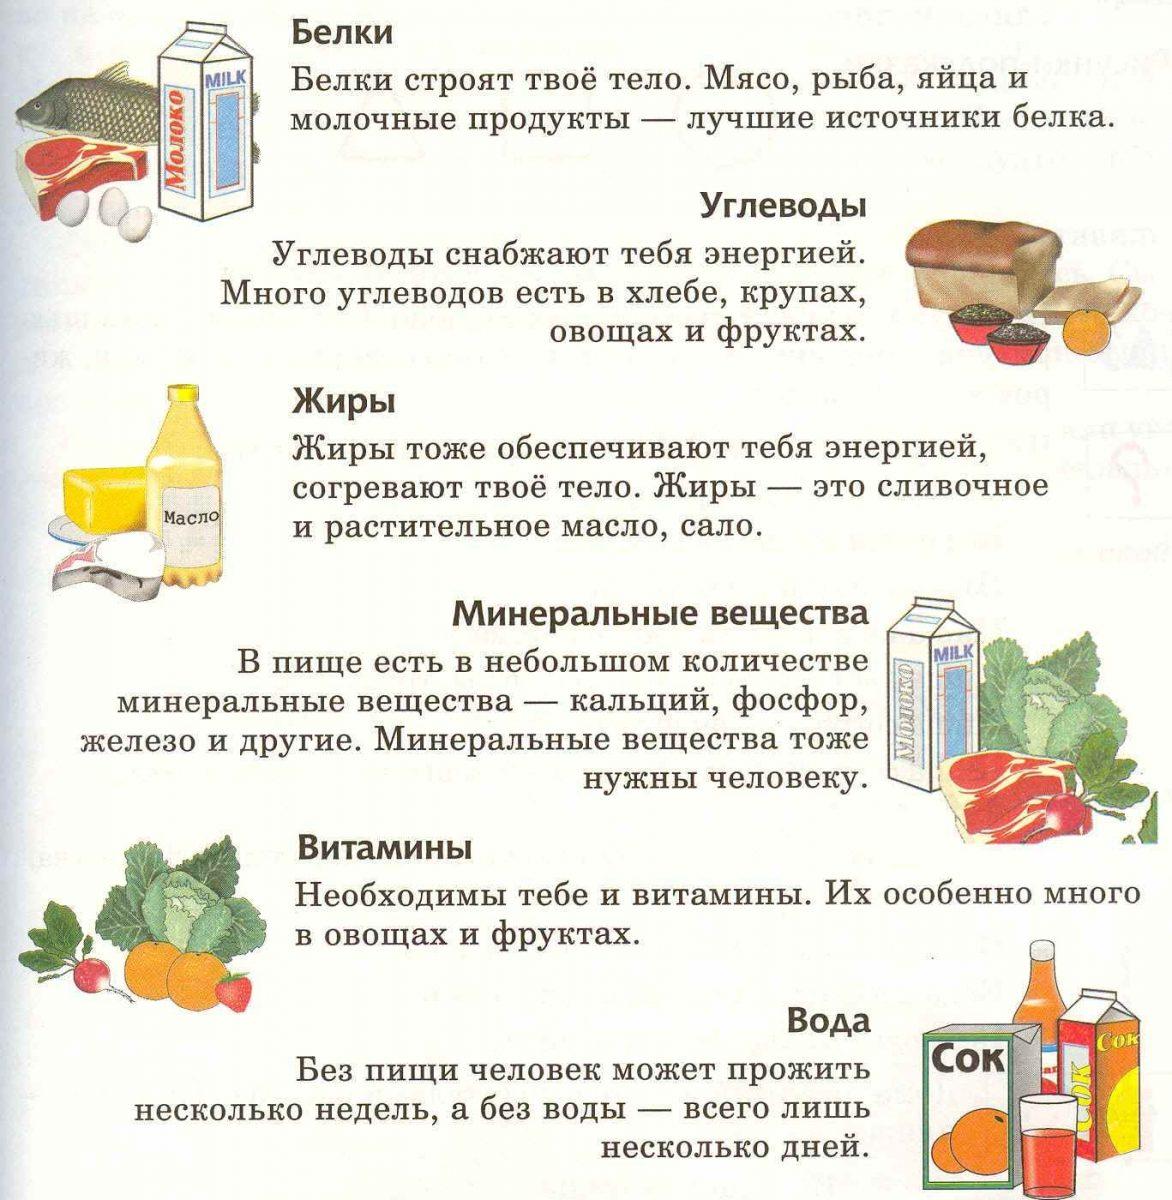 Необходимые вещества для организма